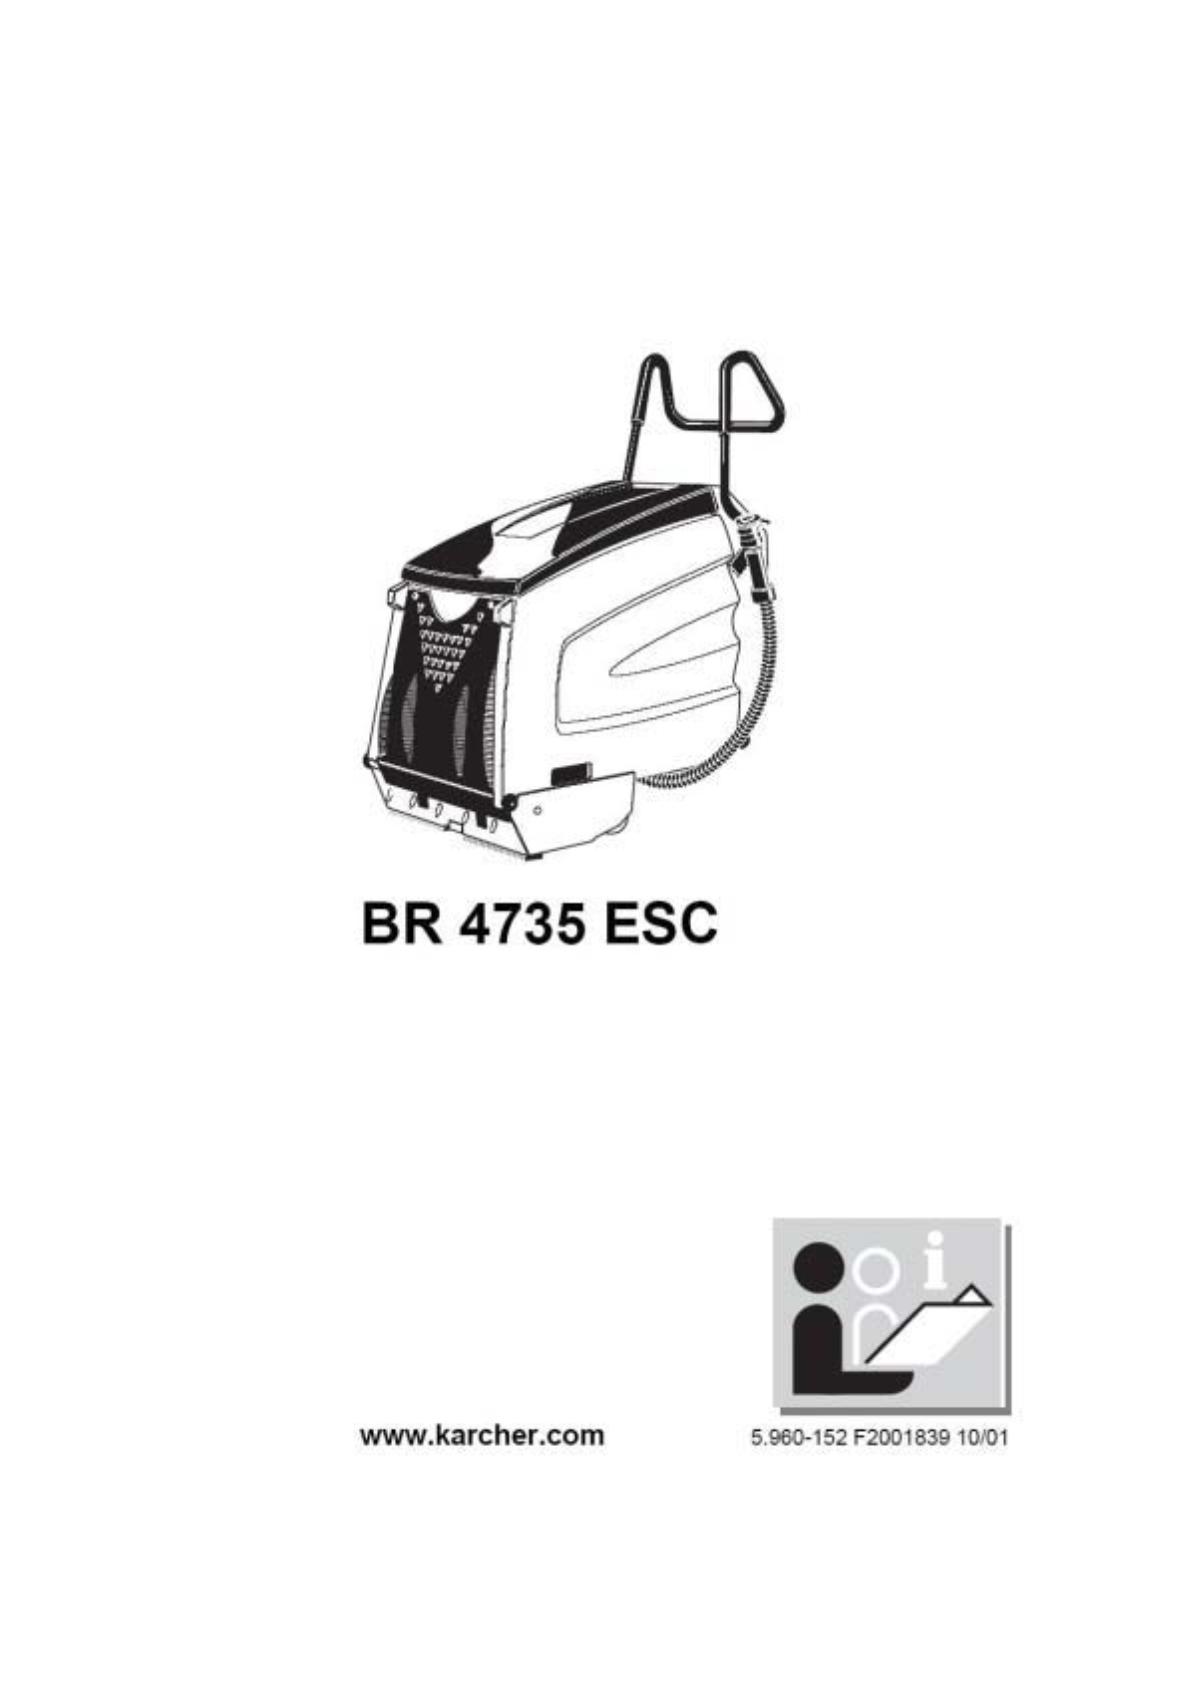 楼梯和扶梯清洗机 BR 47/35 Esc 说明书说明书下载